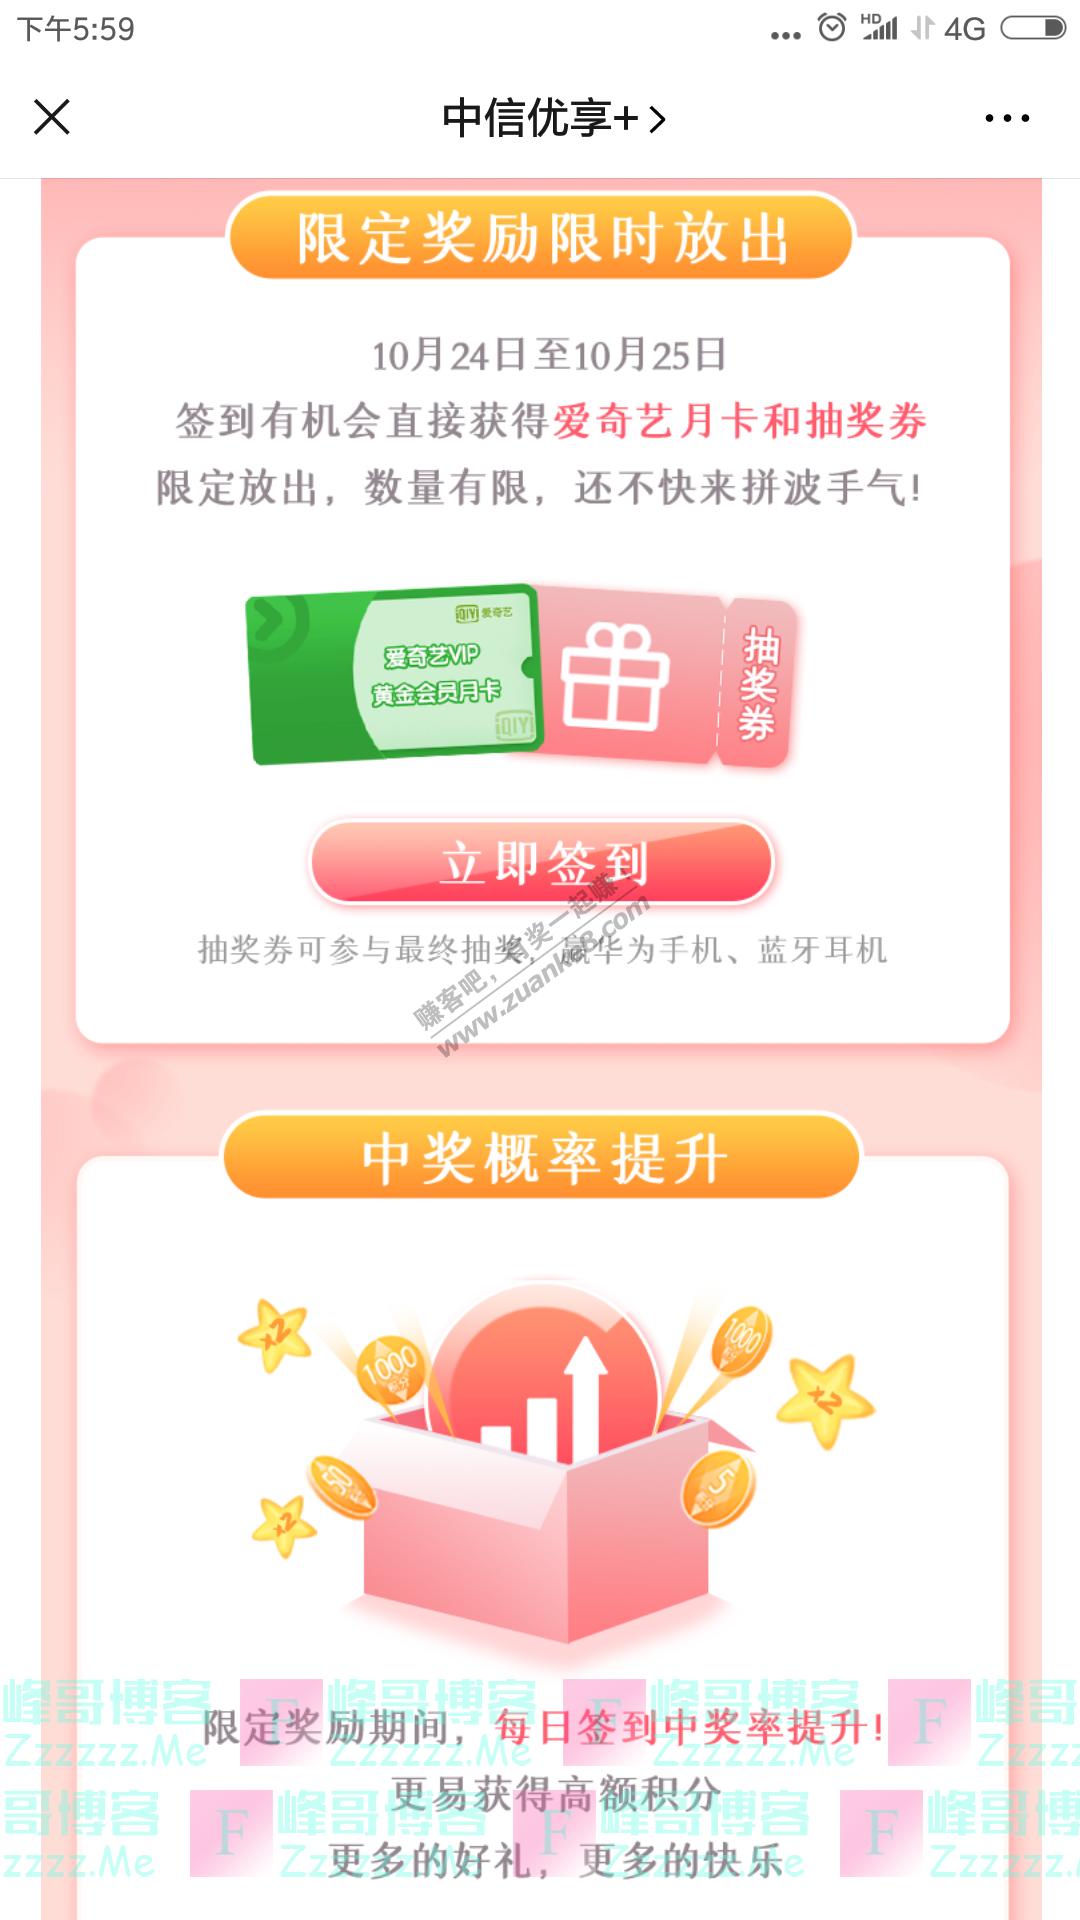 中信优享+爱奇艺月卡限量发送,签到即有机会赢(10月25日截止)